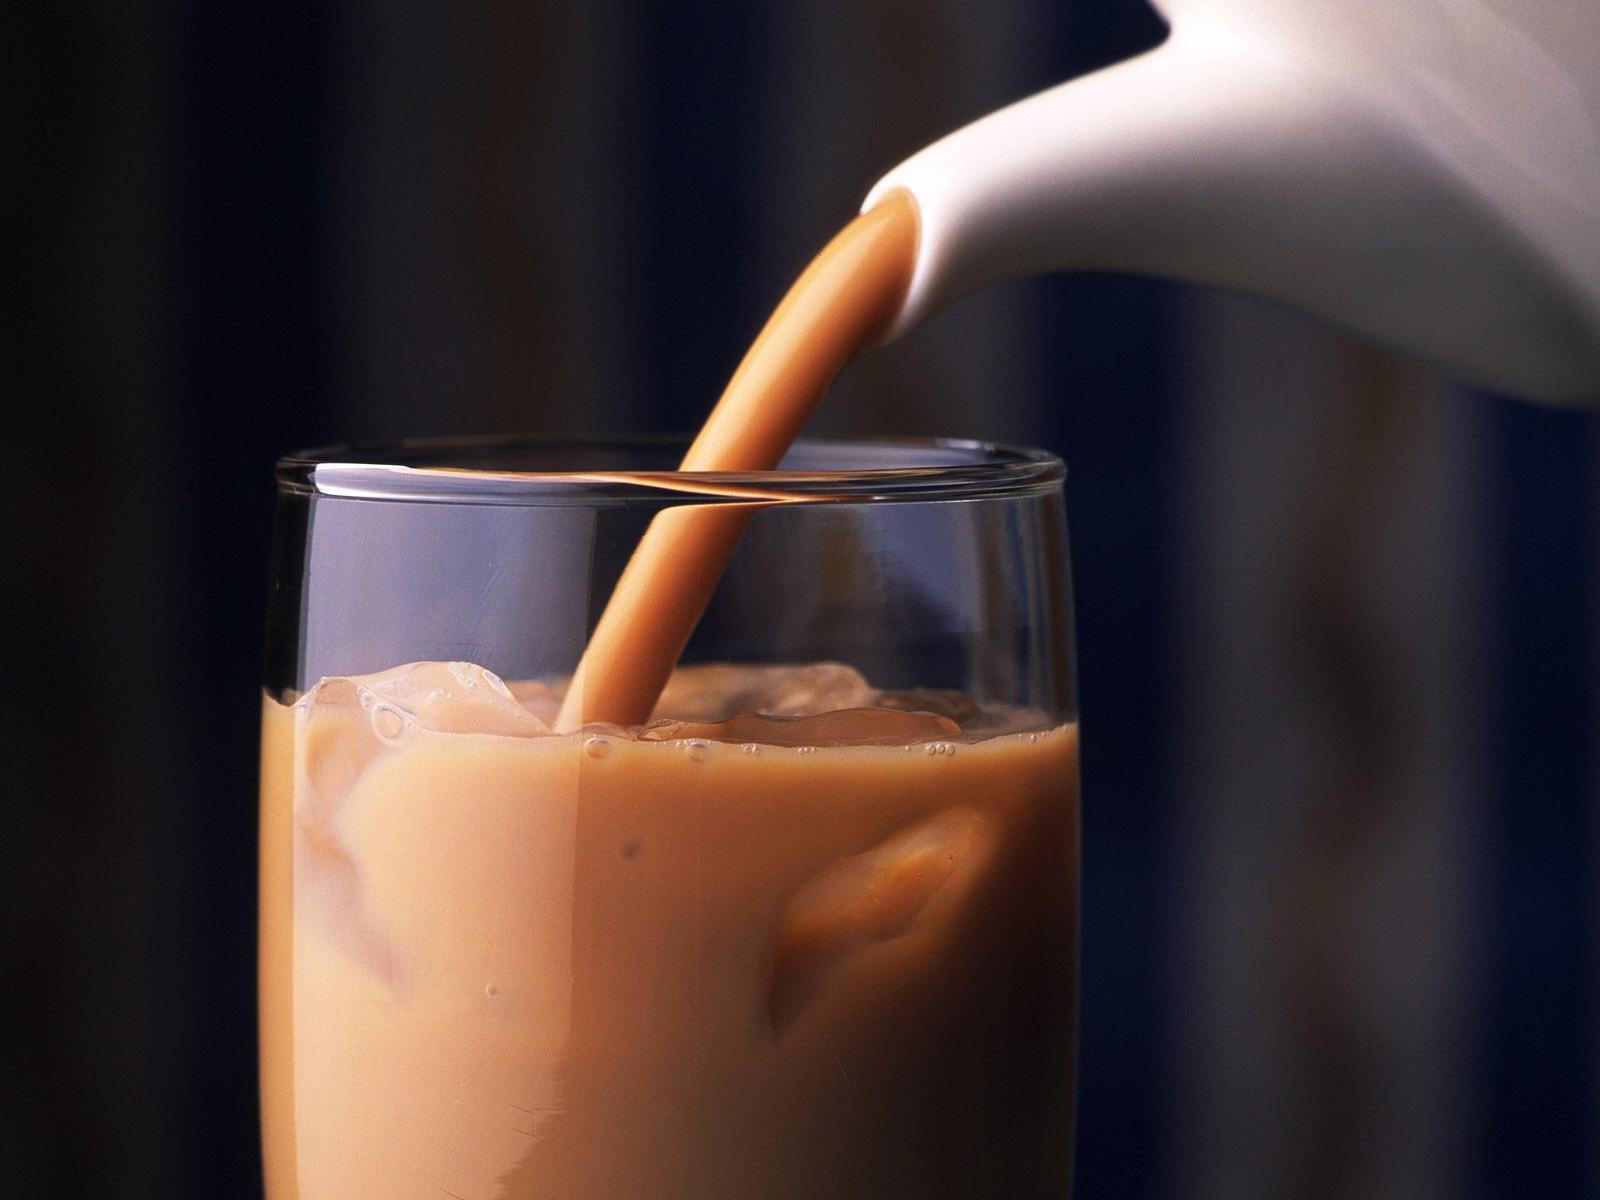 существует картинки пить кофе с молоком передвигается сам